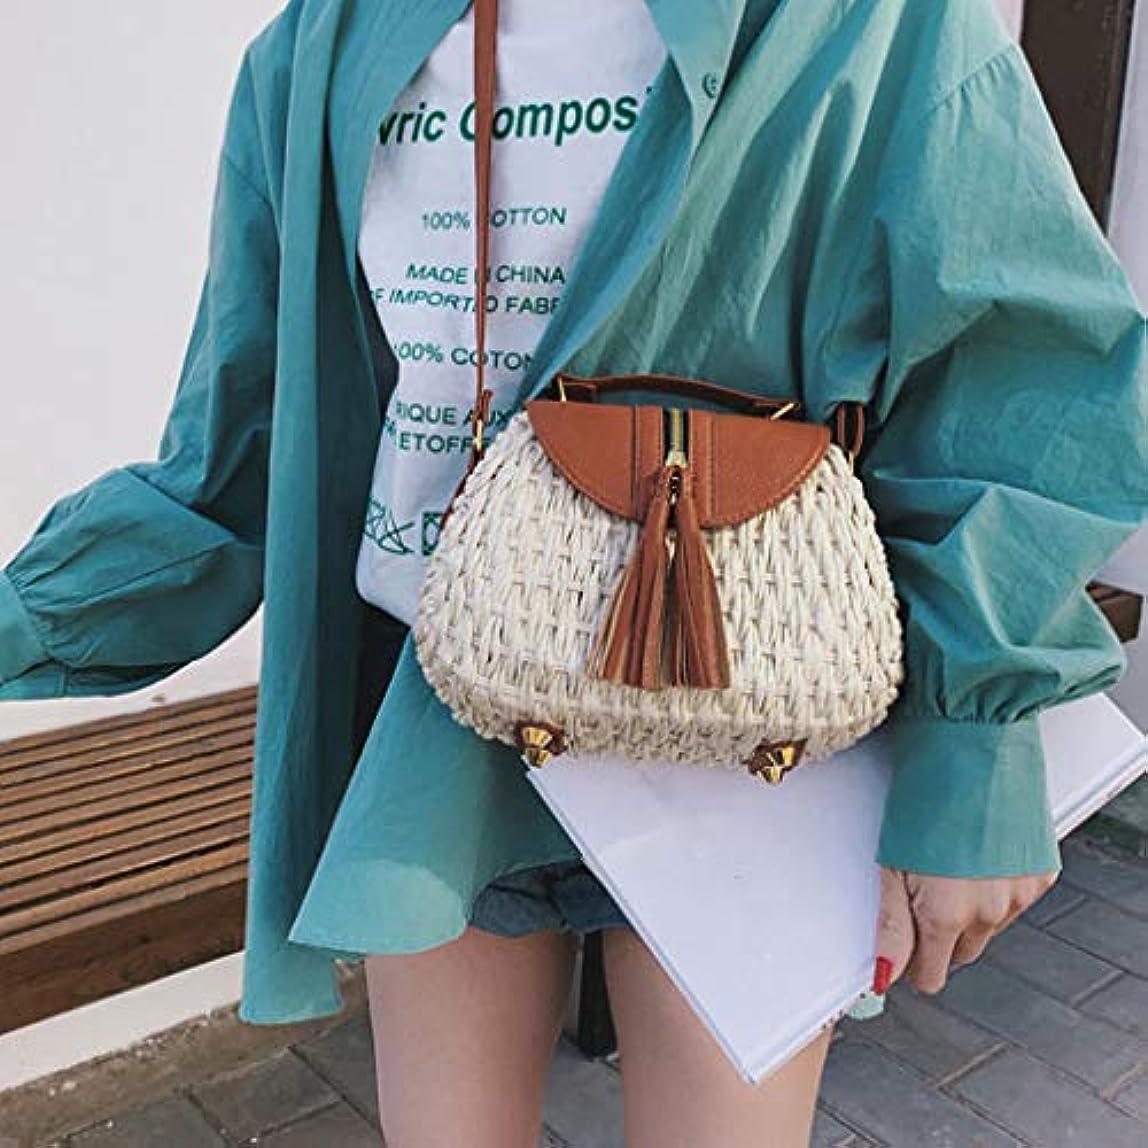 期限切れサンプル論理女性の流行のタッセルはショルダー?バッグ、女性浜の余暇のクロスボディ袋を織ります、女性のタッセルは浜様式のメッセンジャー袋を織ります、女性方法対照色のビーチ様式のメッセンジャー袋 (ベージュ)